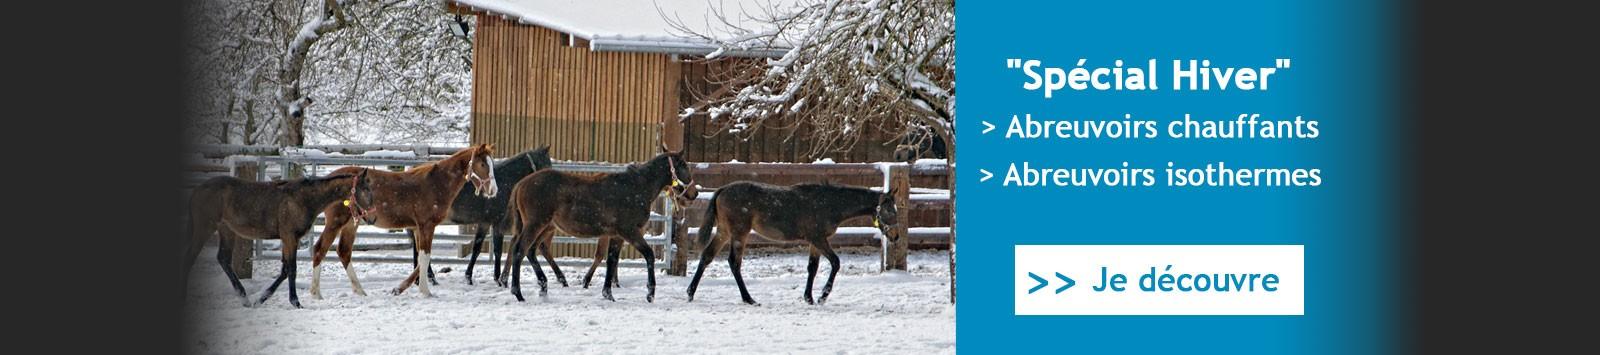 Abreuvoirs chauffants et isothermes pour chevaux